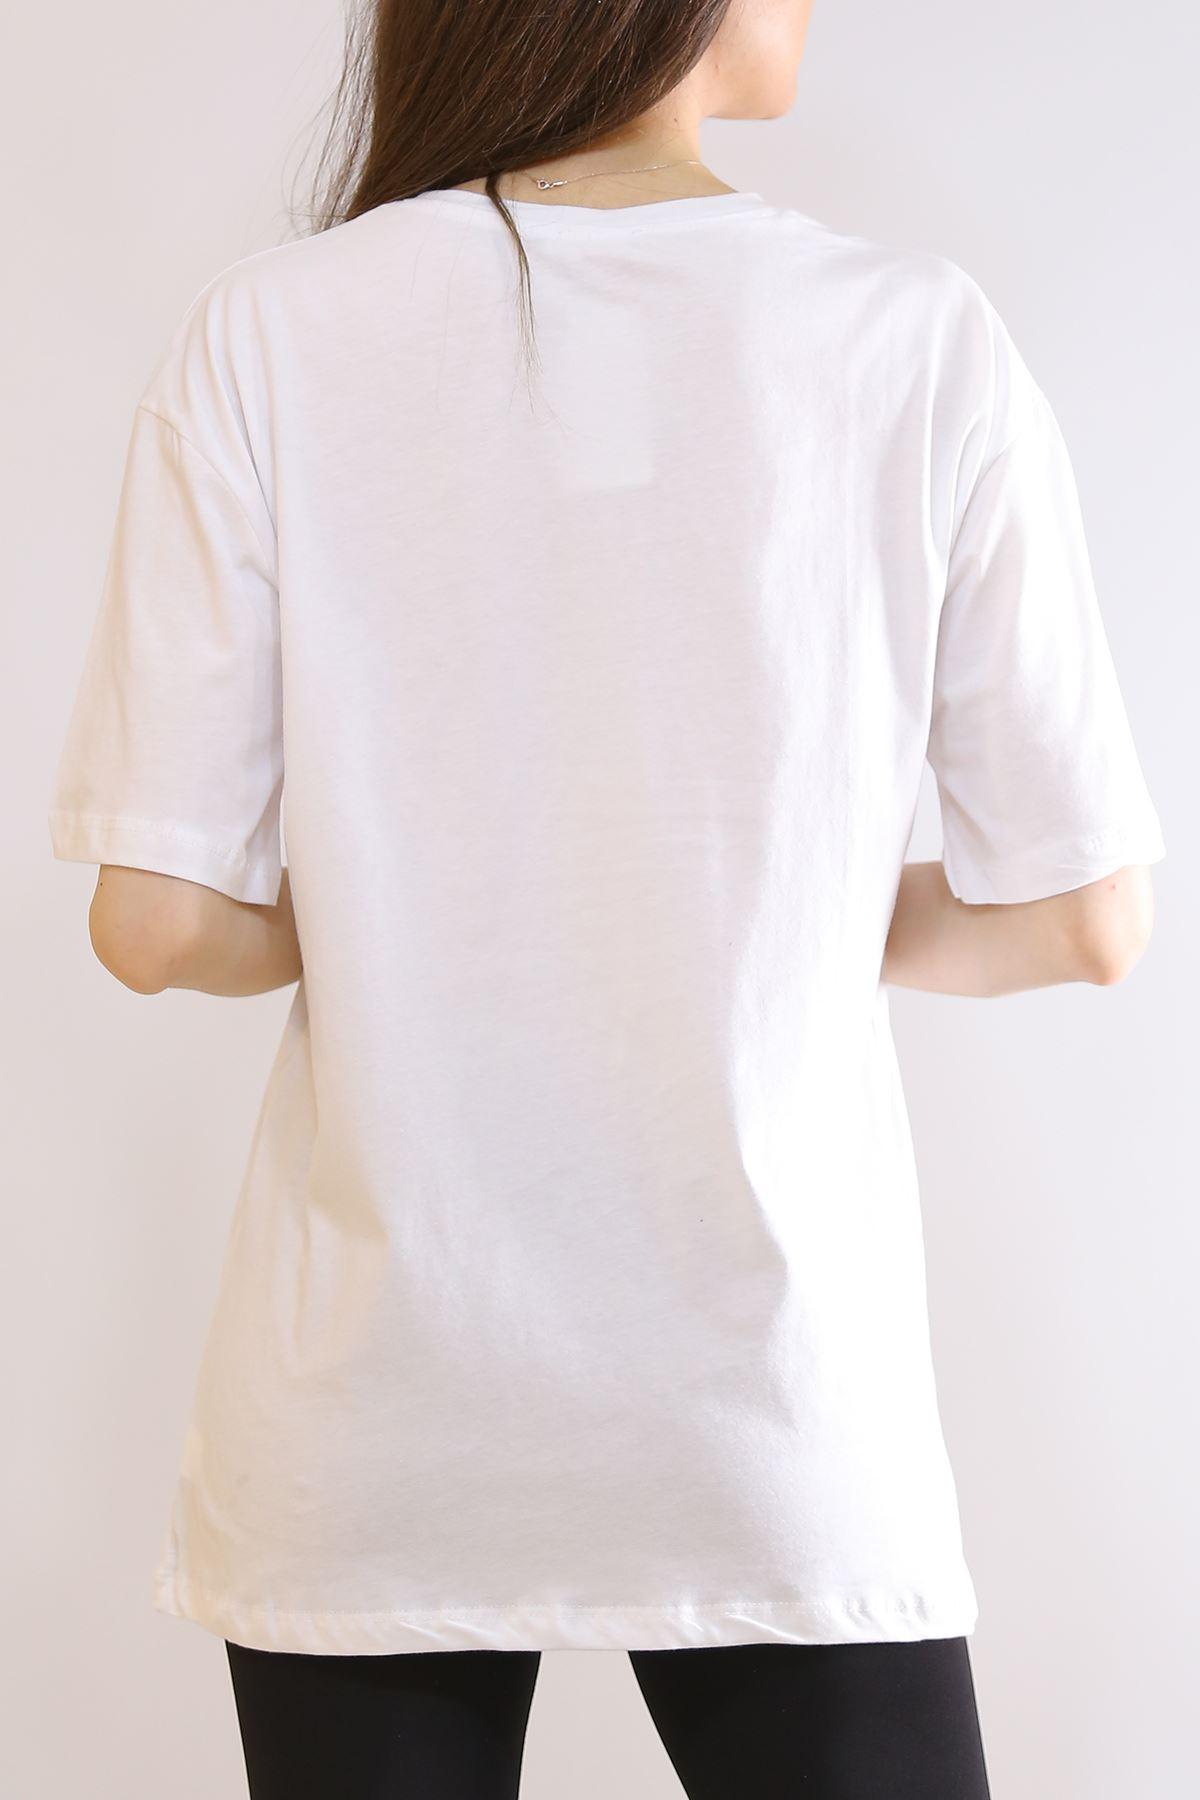 Ejderha Baskılı Tişört Beyaz - 2906.992.